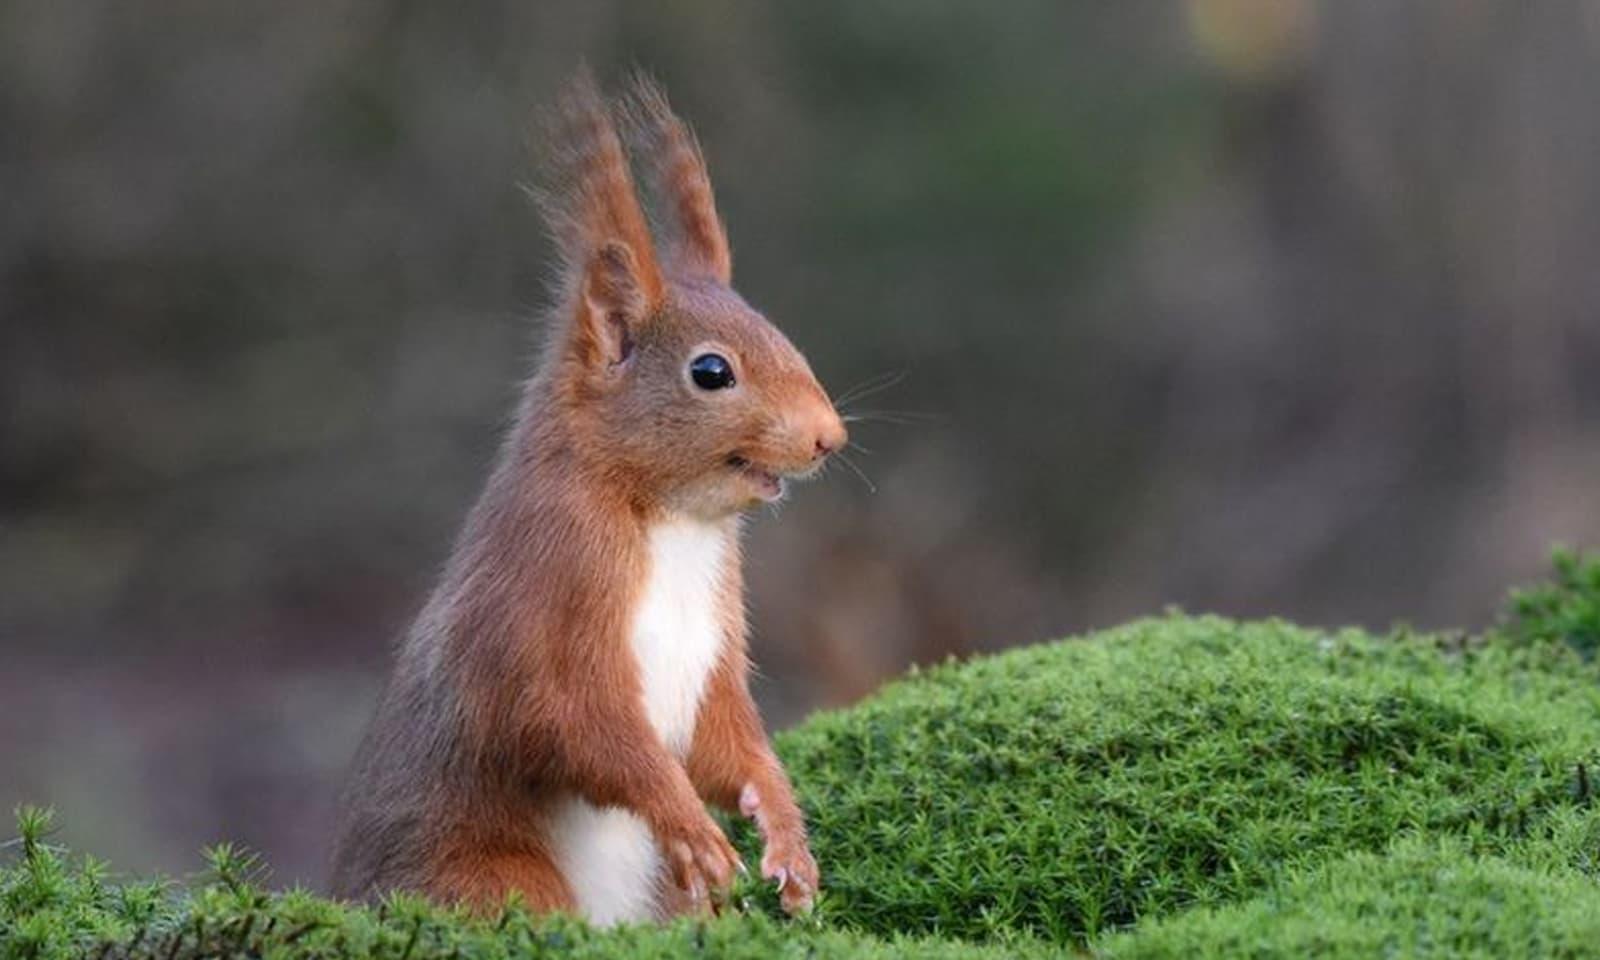 نیدرلینڈز میں ایک خرگوش کوئی لطیفہ یاد آنے پر مسکرارہا ہے —فوٹو: فیمکے وان ولی گین/کامیڈی وائلڈ لائف فوٹوگرافی